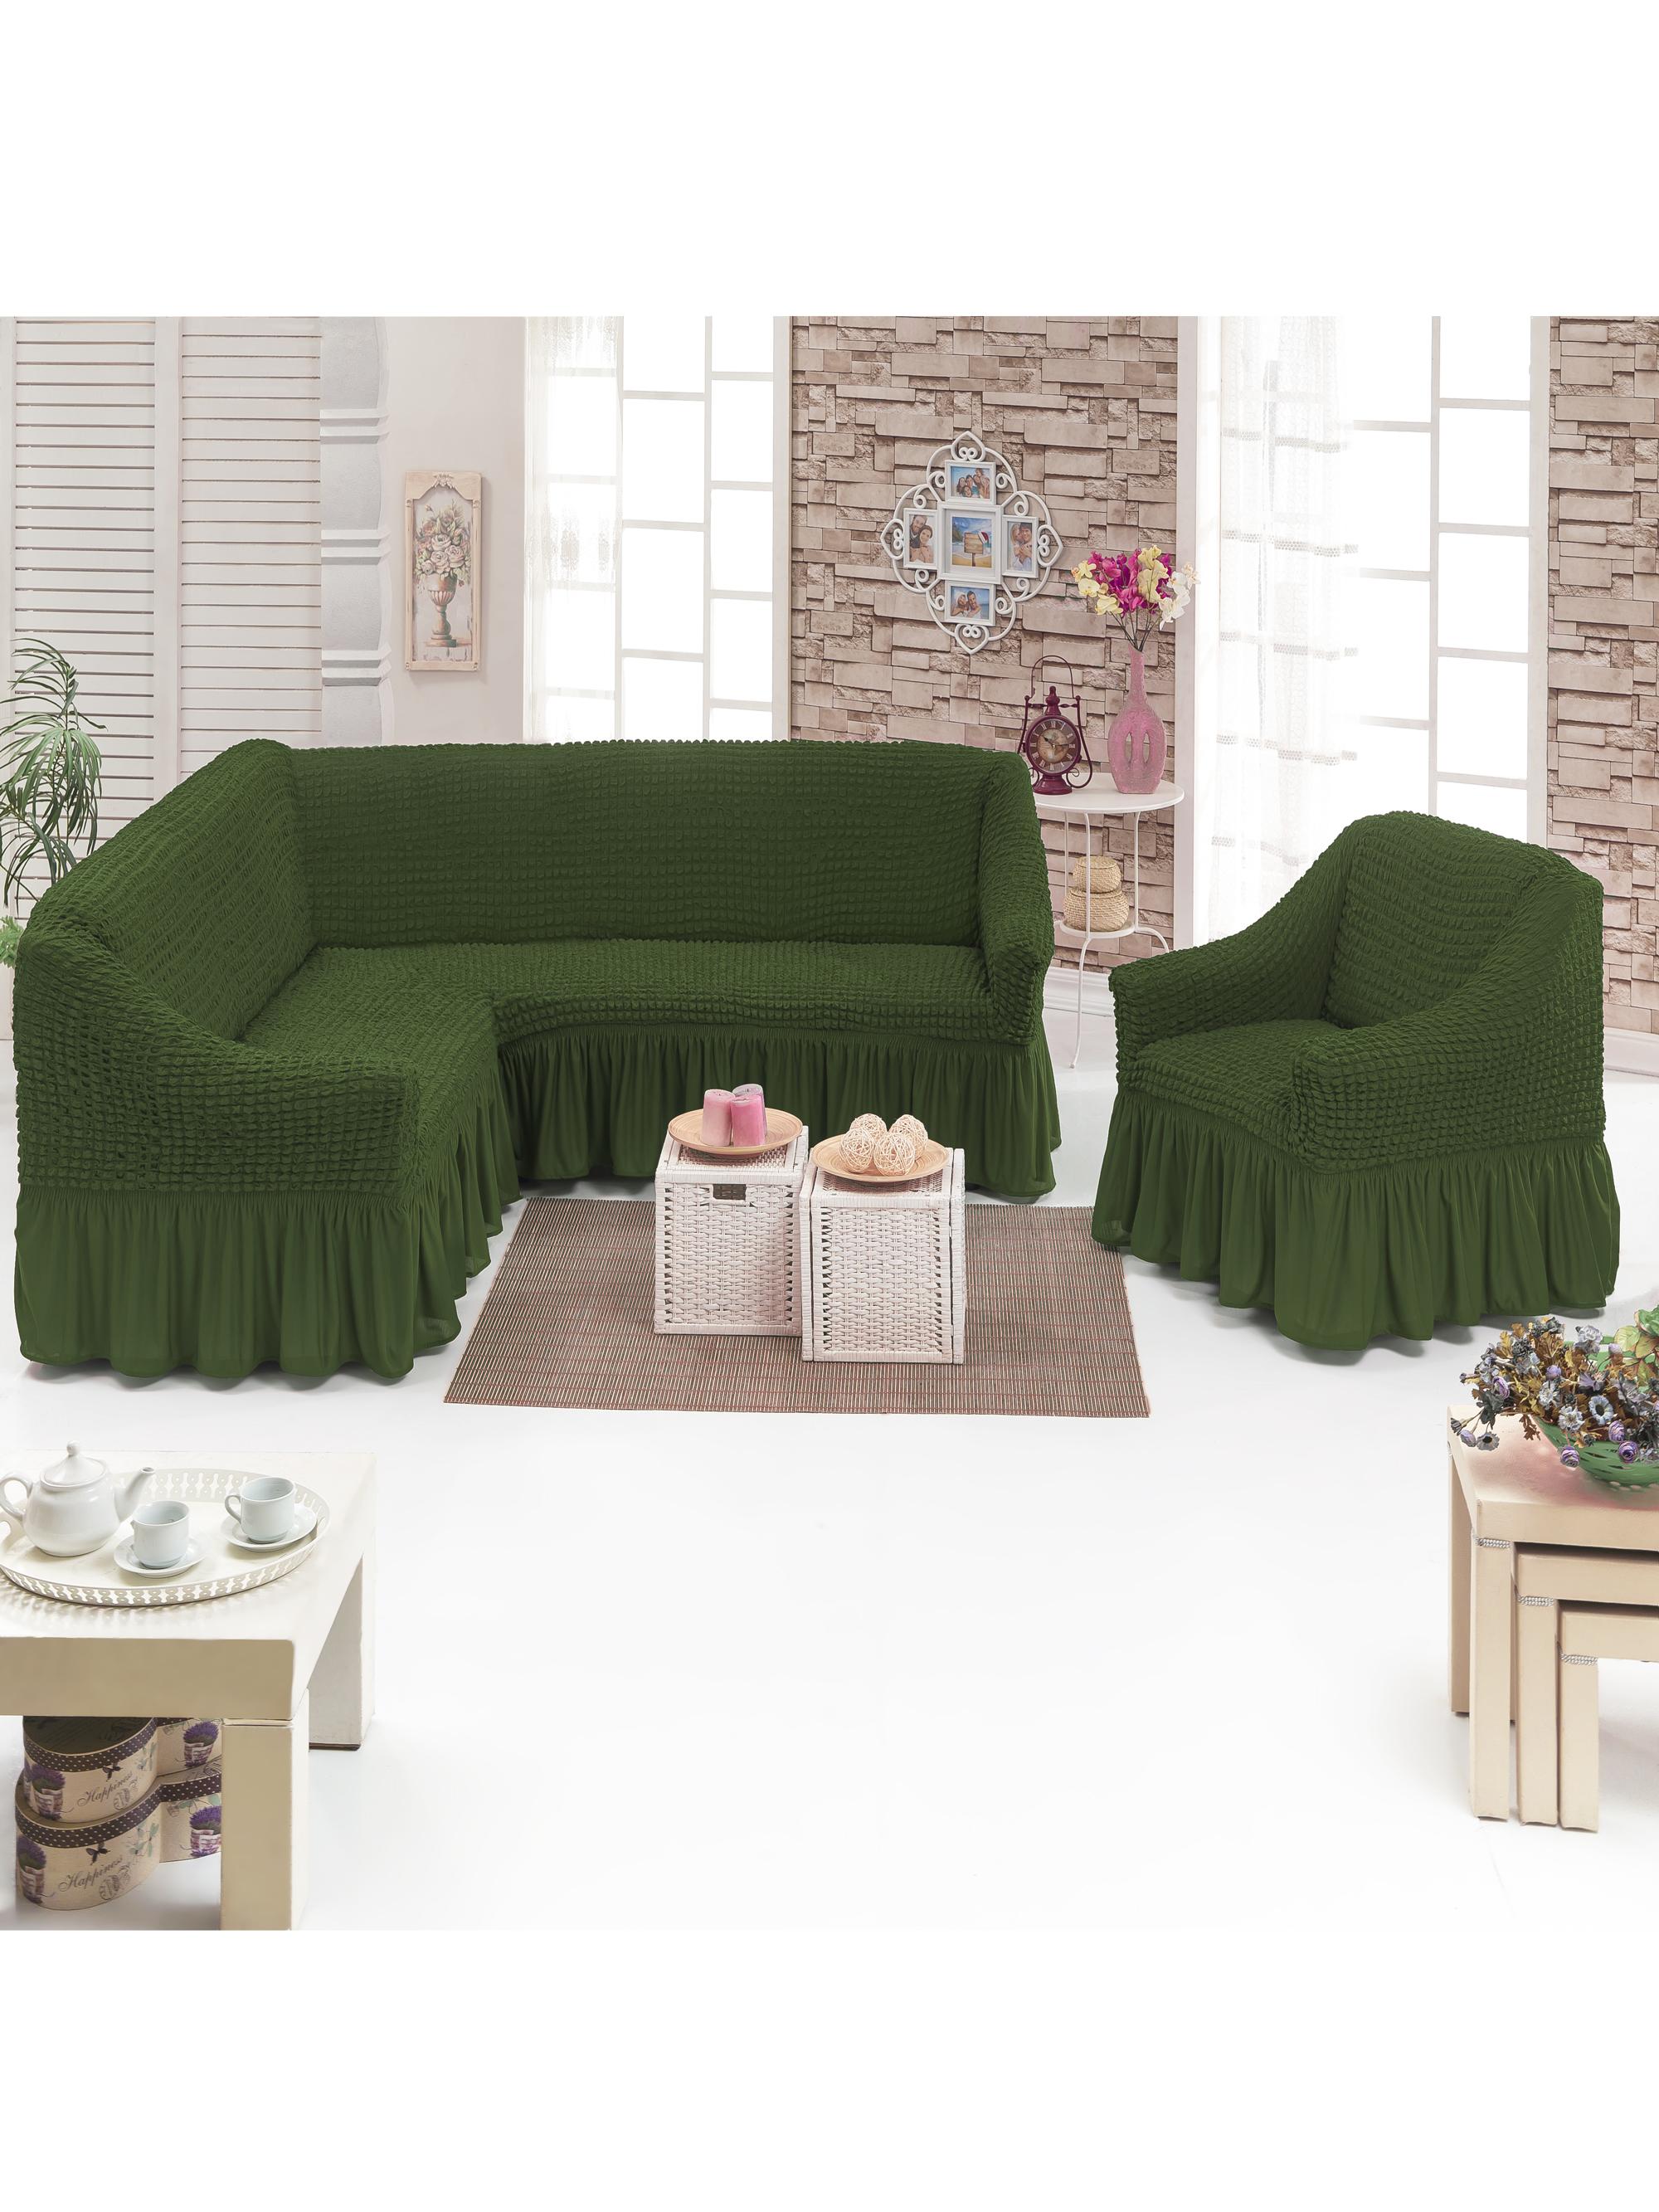 Чехол на мебель JUANNA Чехол д/мягкой мебели Угловой 2-х пр.(3+1) кресла 1шт JUANNA_оливковый, оливковый